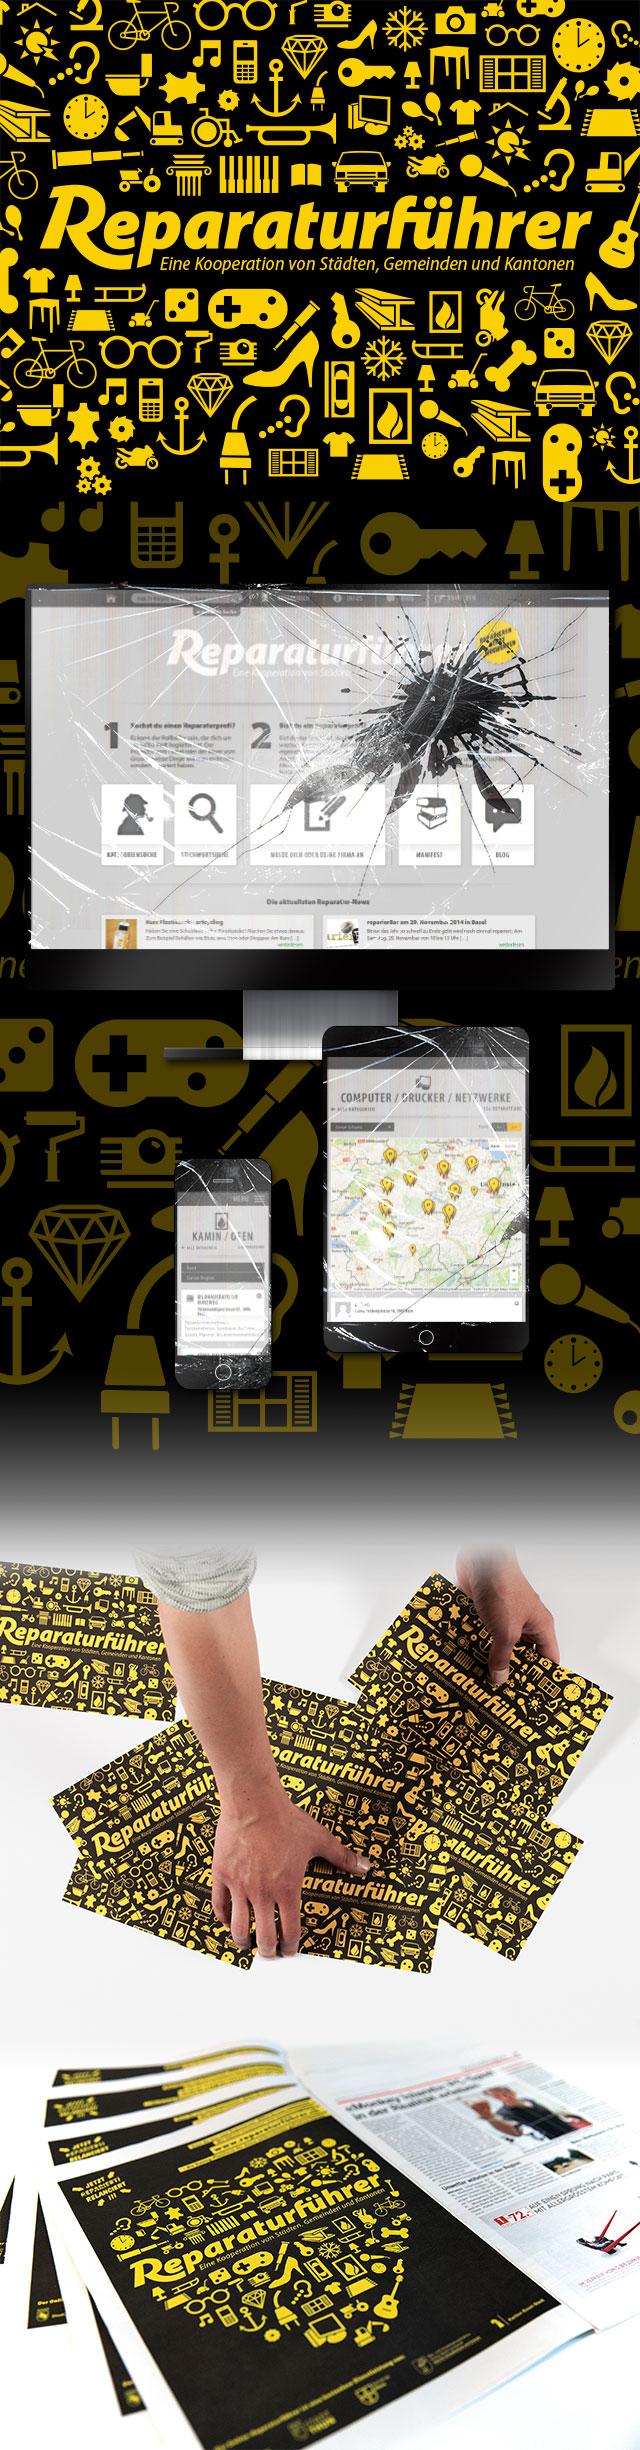 GLUNZ Projekt: Reparaturfuehrer - Mobile Version